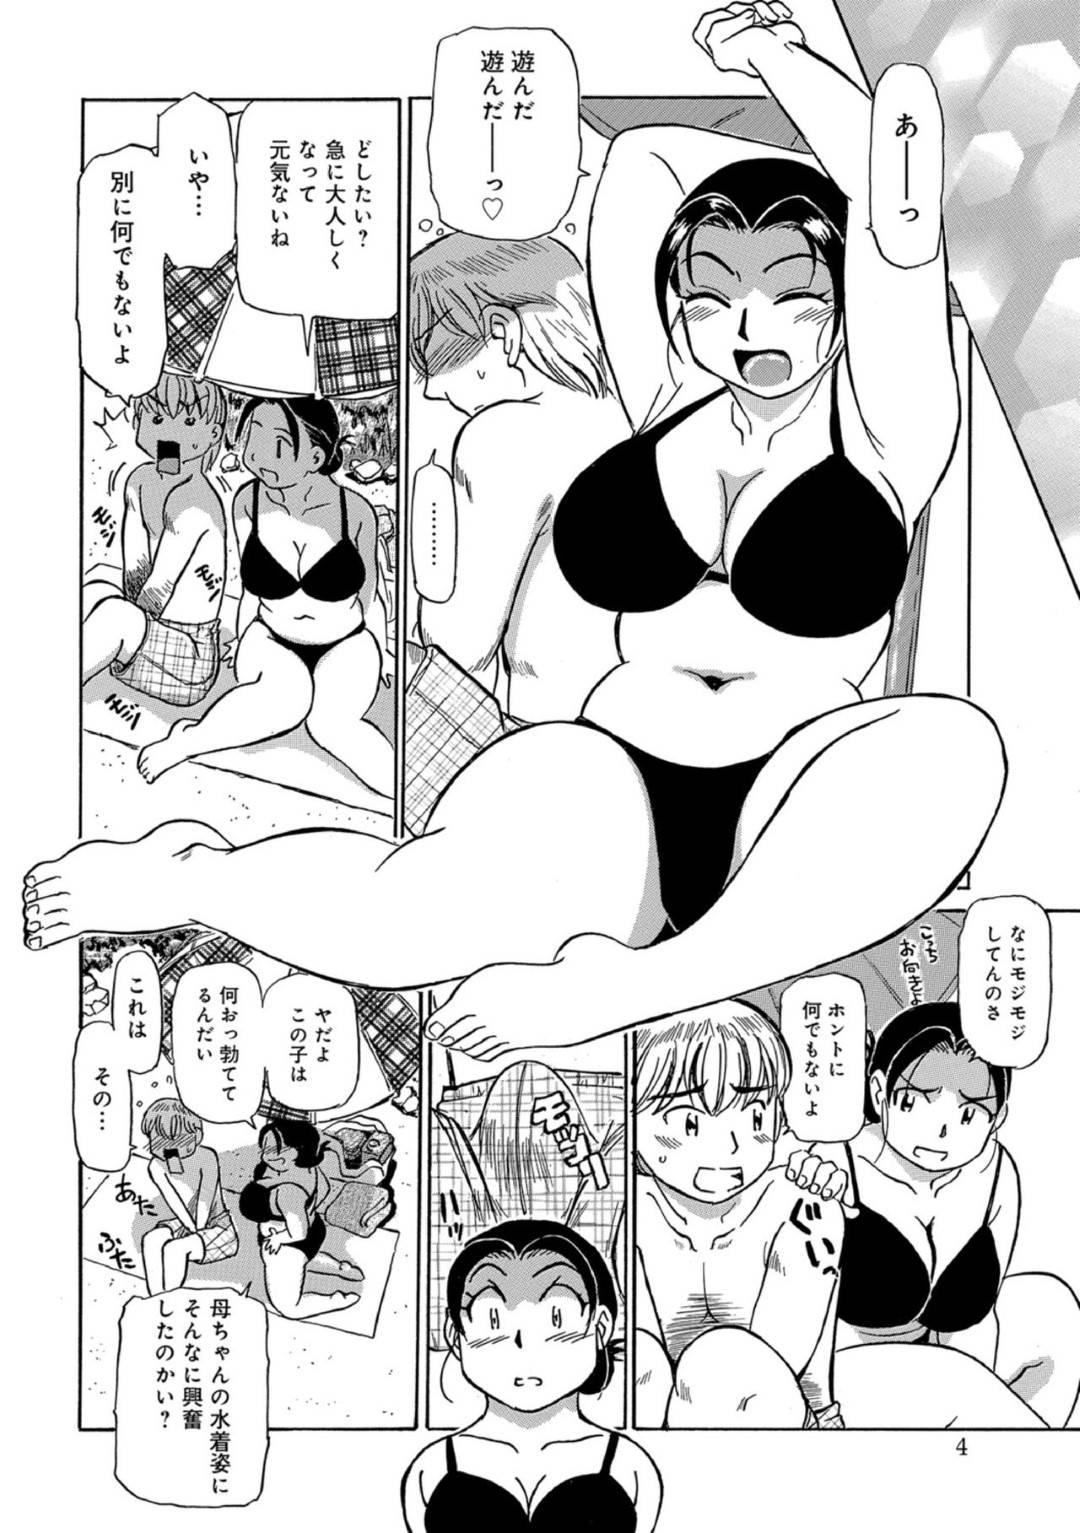 【エロ漫画】息子と海水浴に来た熟女母は、自分の水着姿で興奮して勃起した息子に襲われ生ハメ中出しセックスでイキまくる!